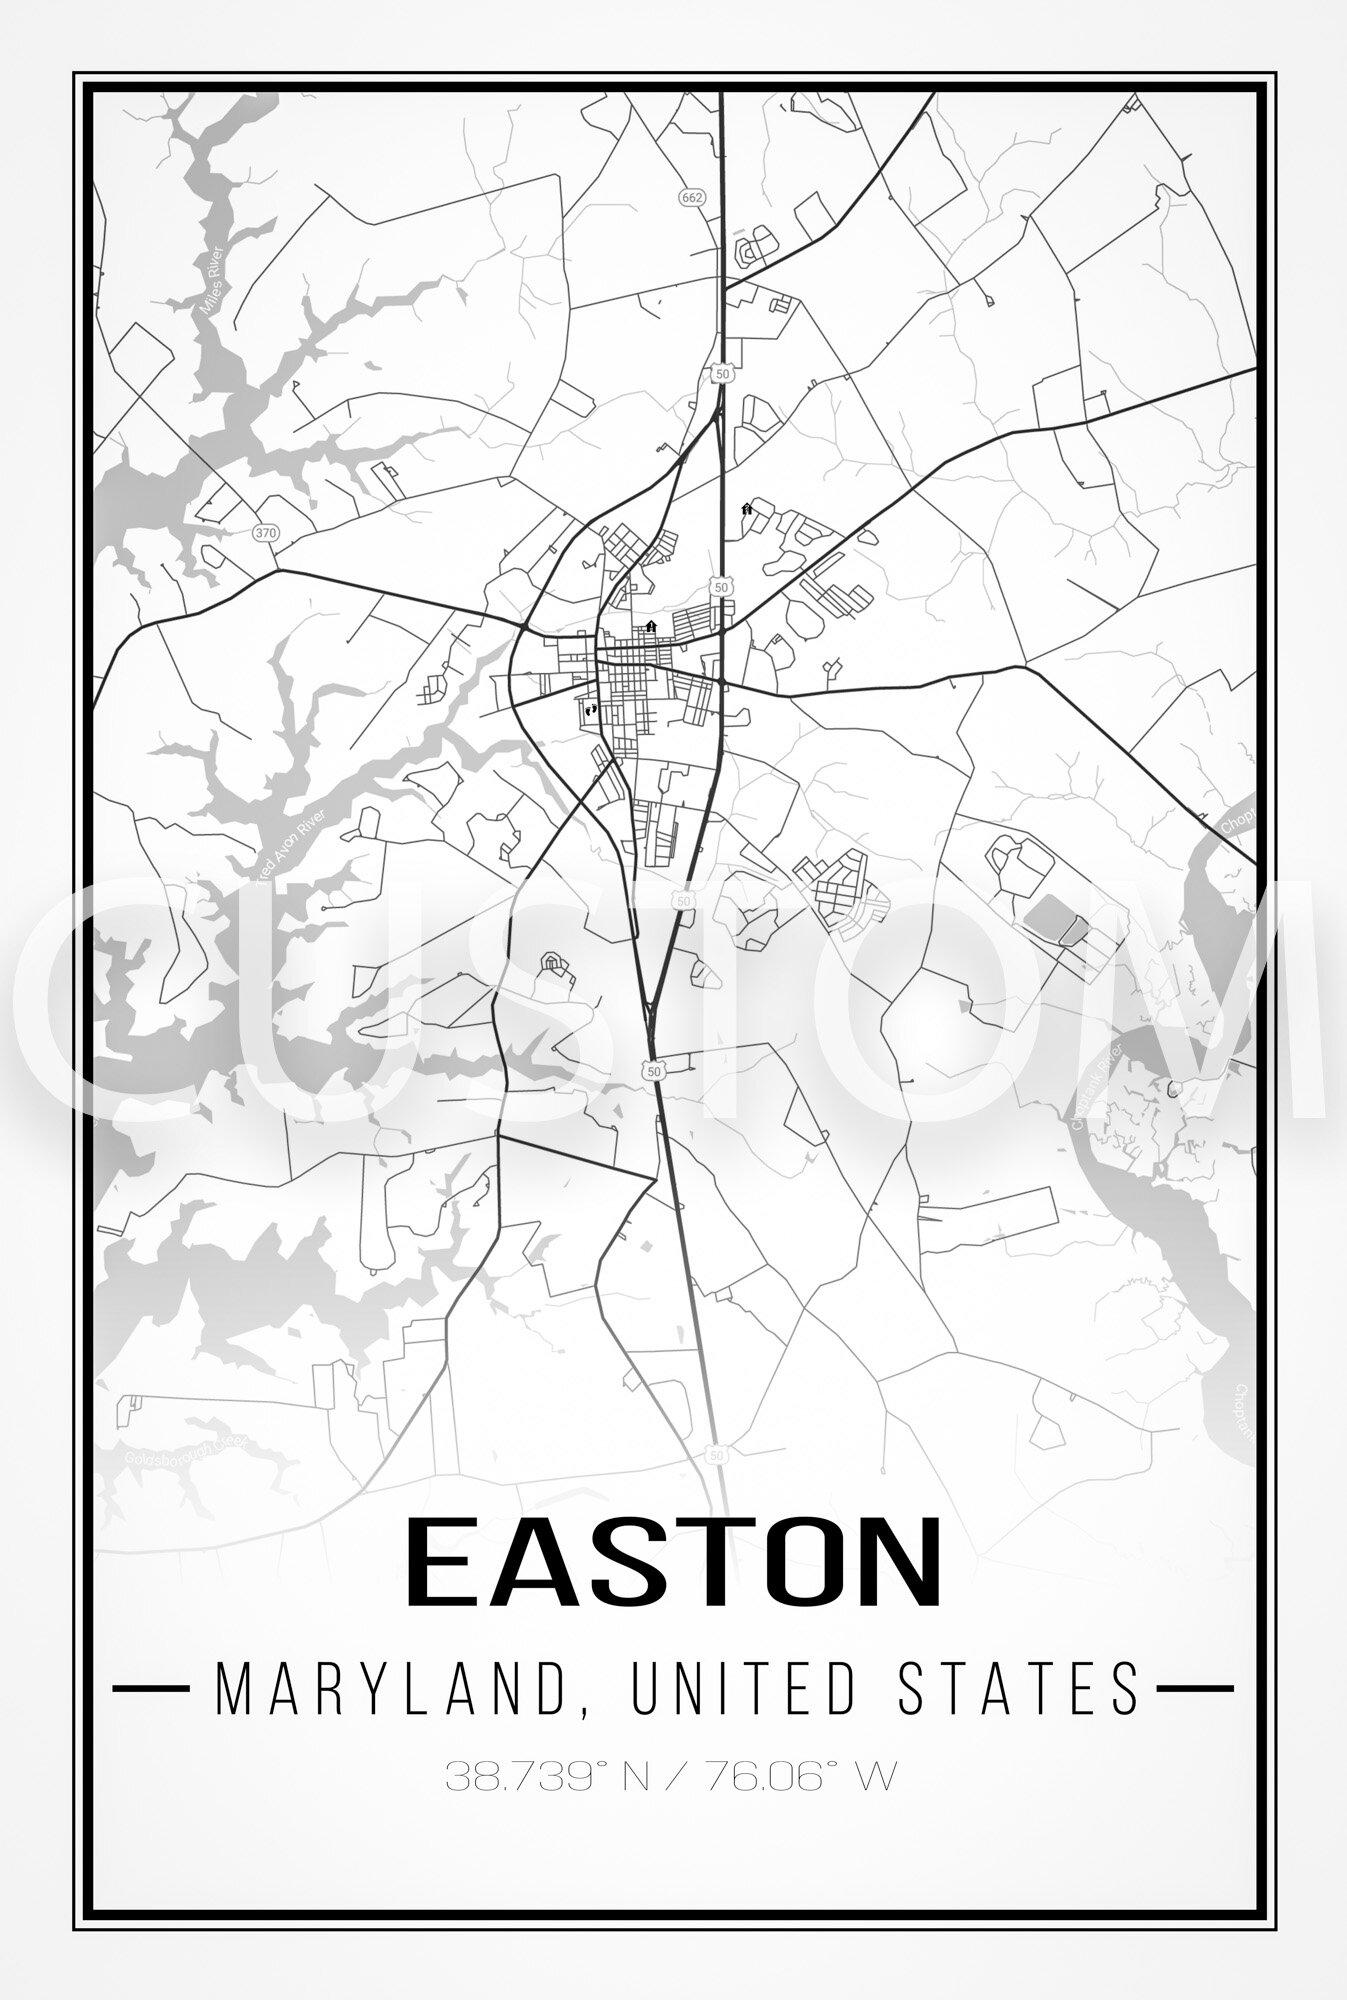 Easton Map.jpg